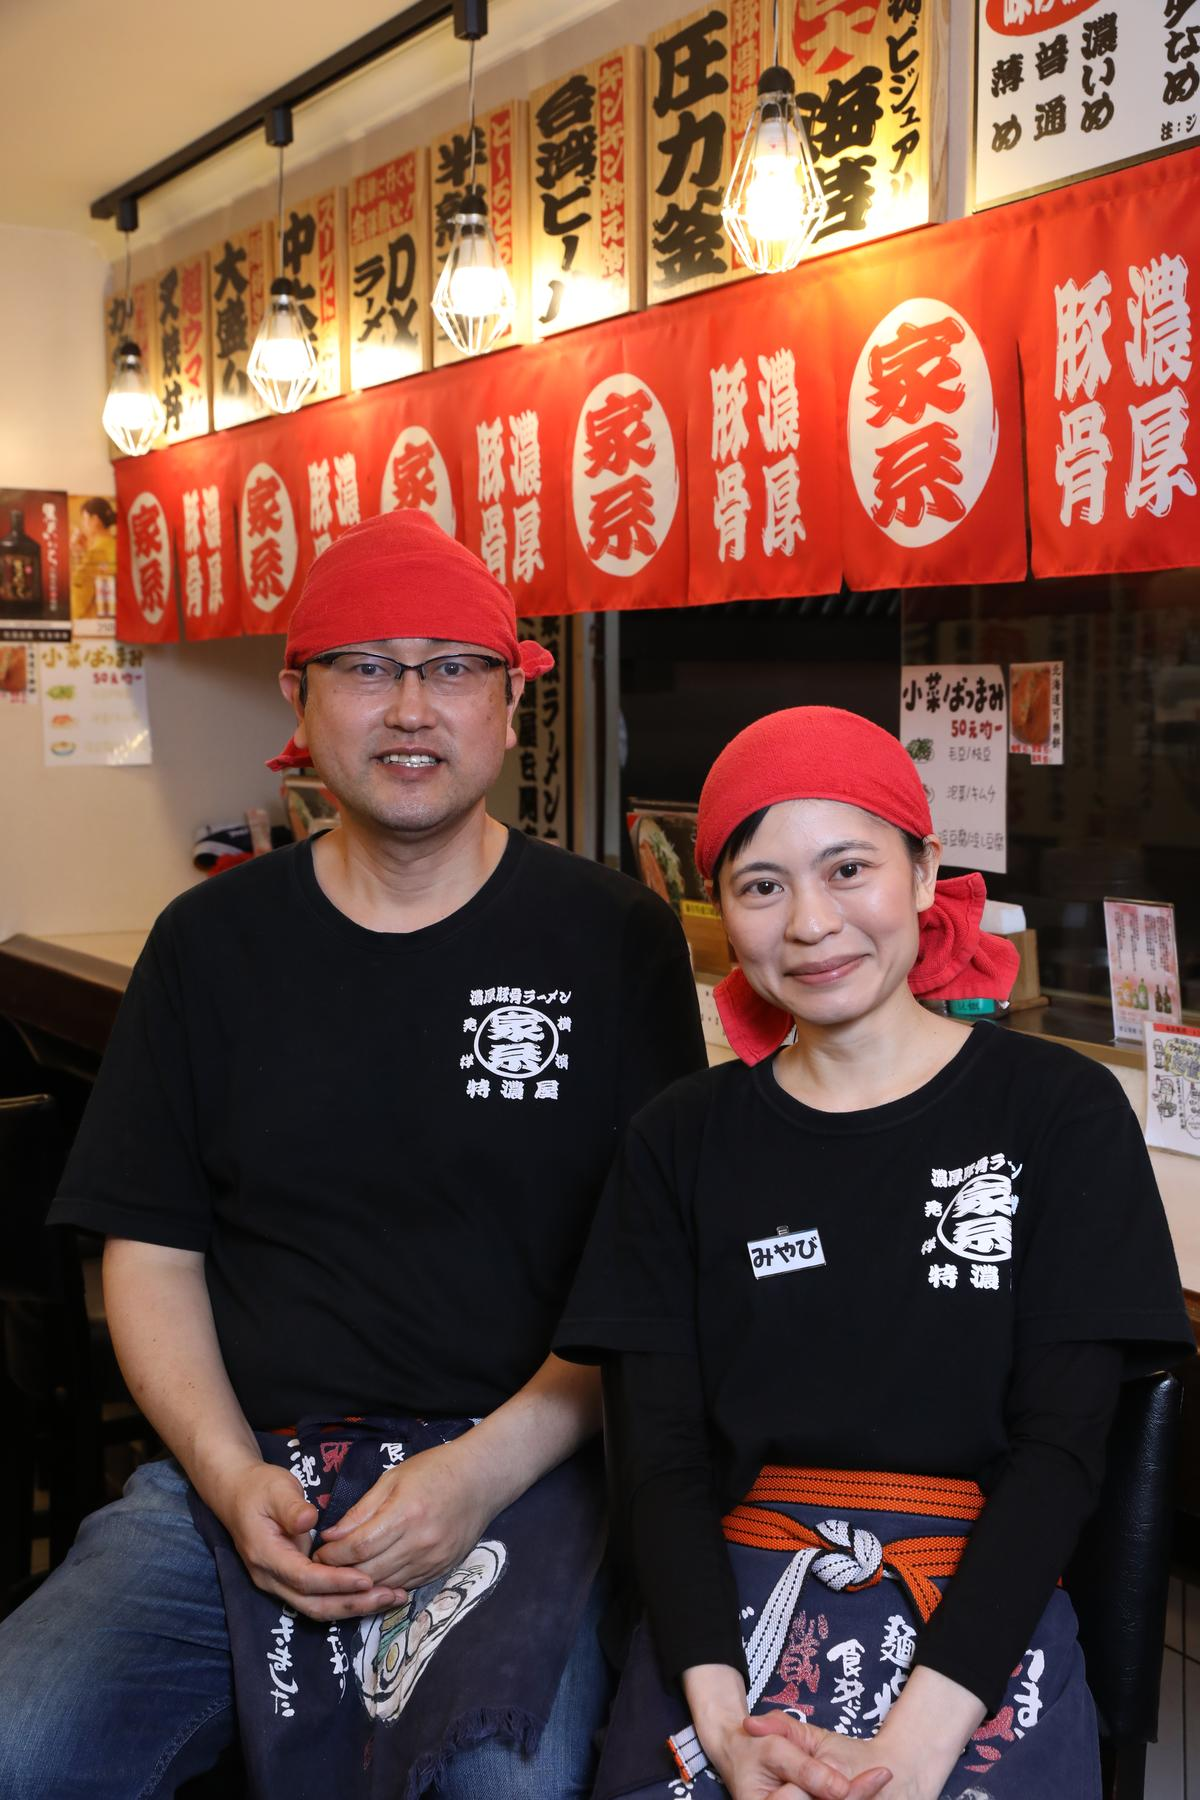 大塚健二透過朋友認識在日本念書的台灣妻子大塚雅。